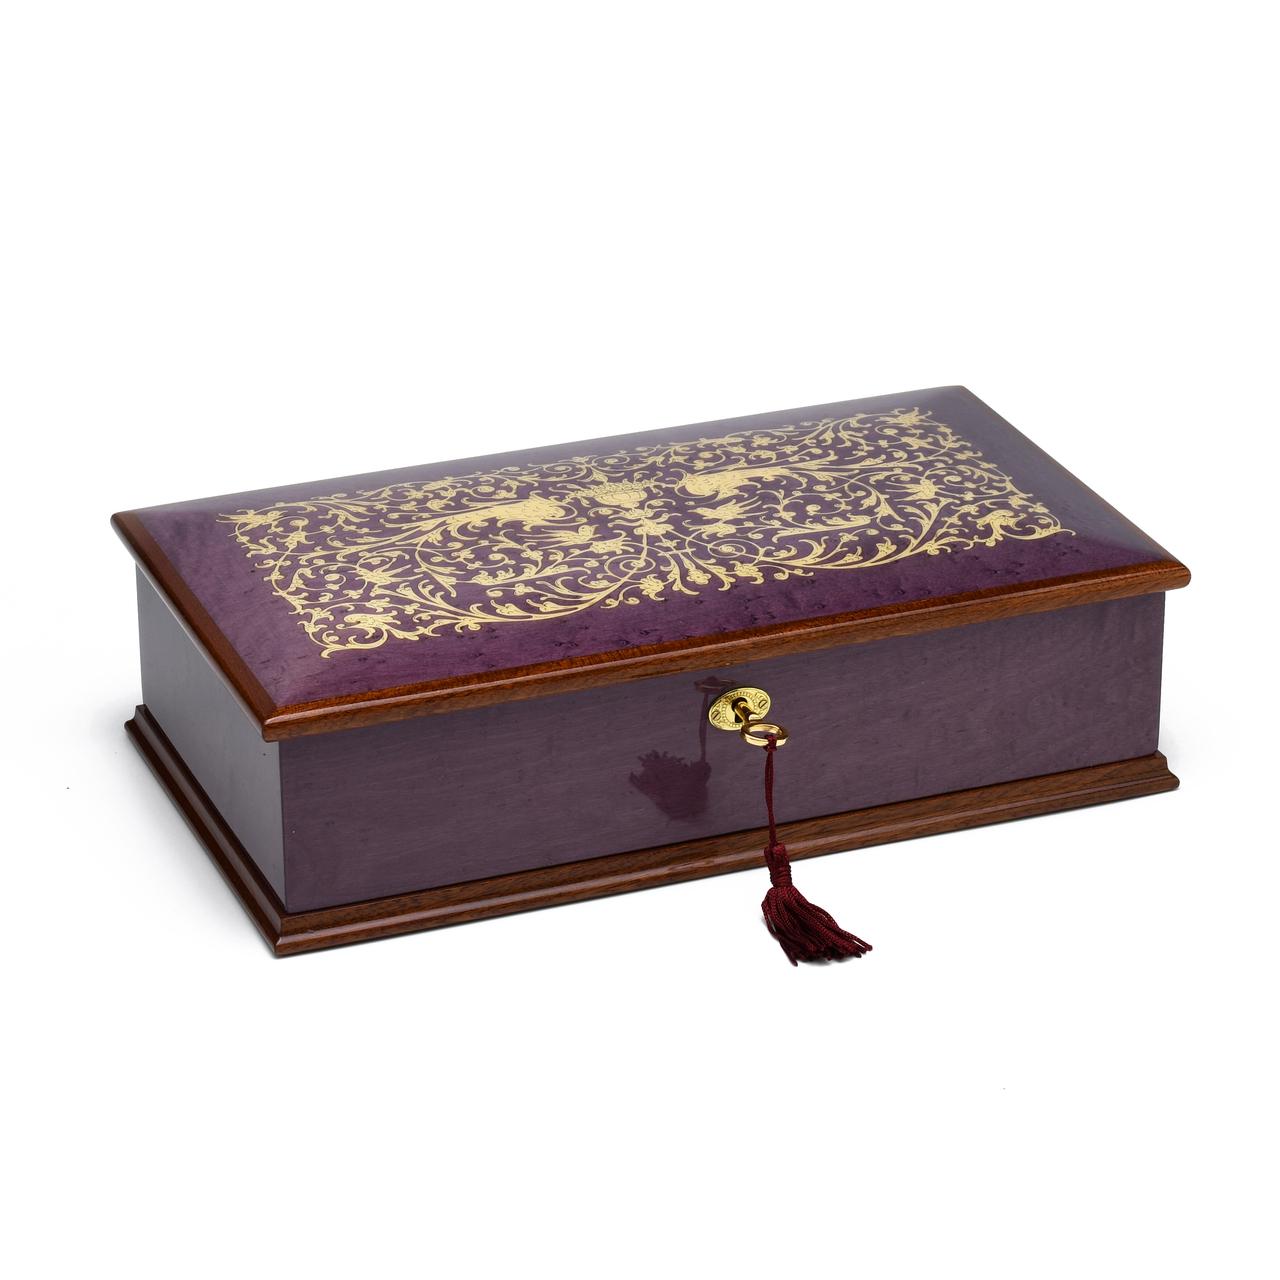 Exquisite 22 Note Hi Gloss Purple Grand Italian Arabesque Wood Inlay Musical Jewelry Box